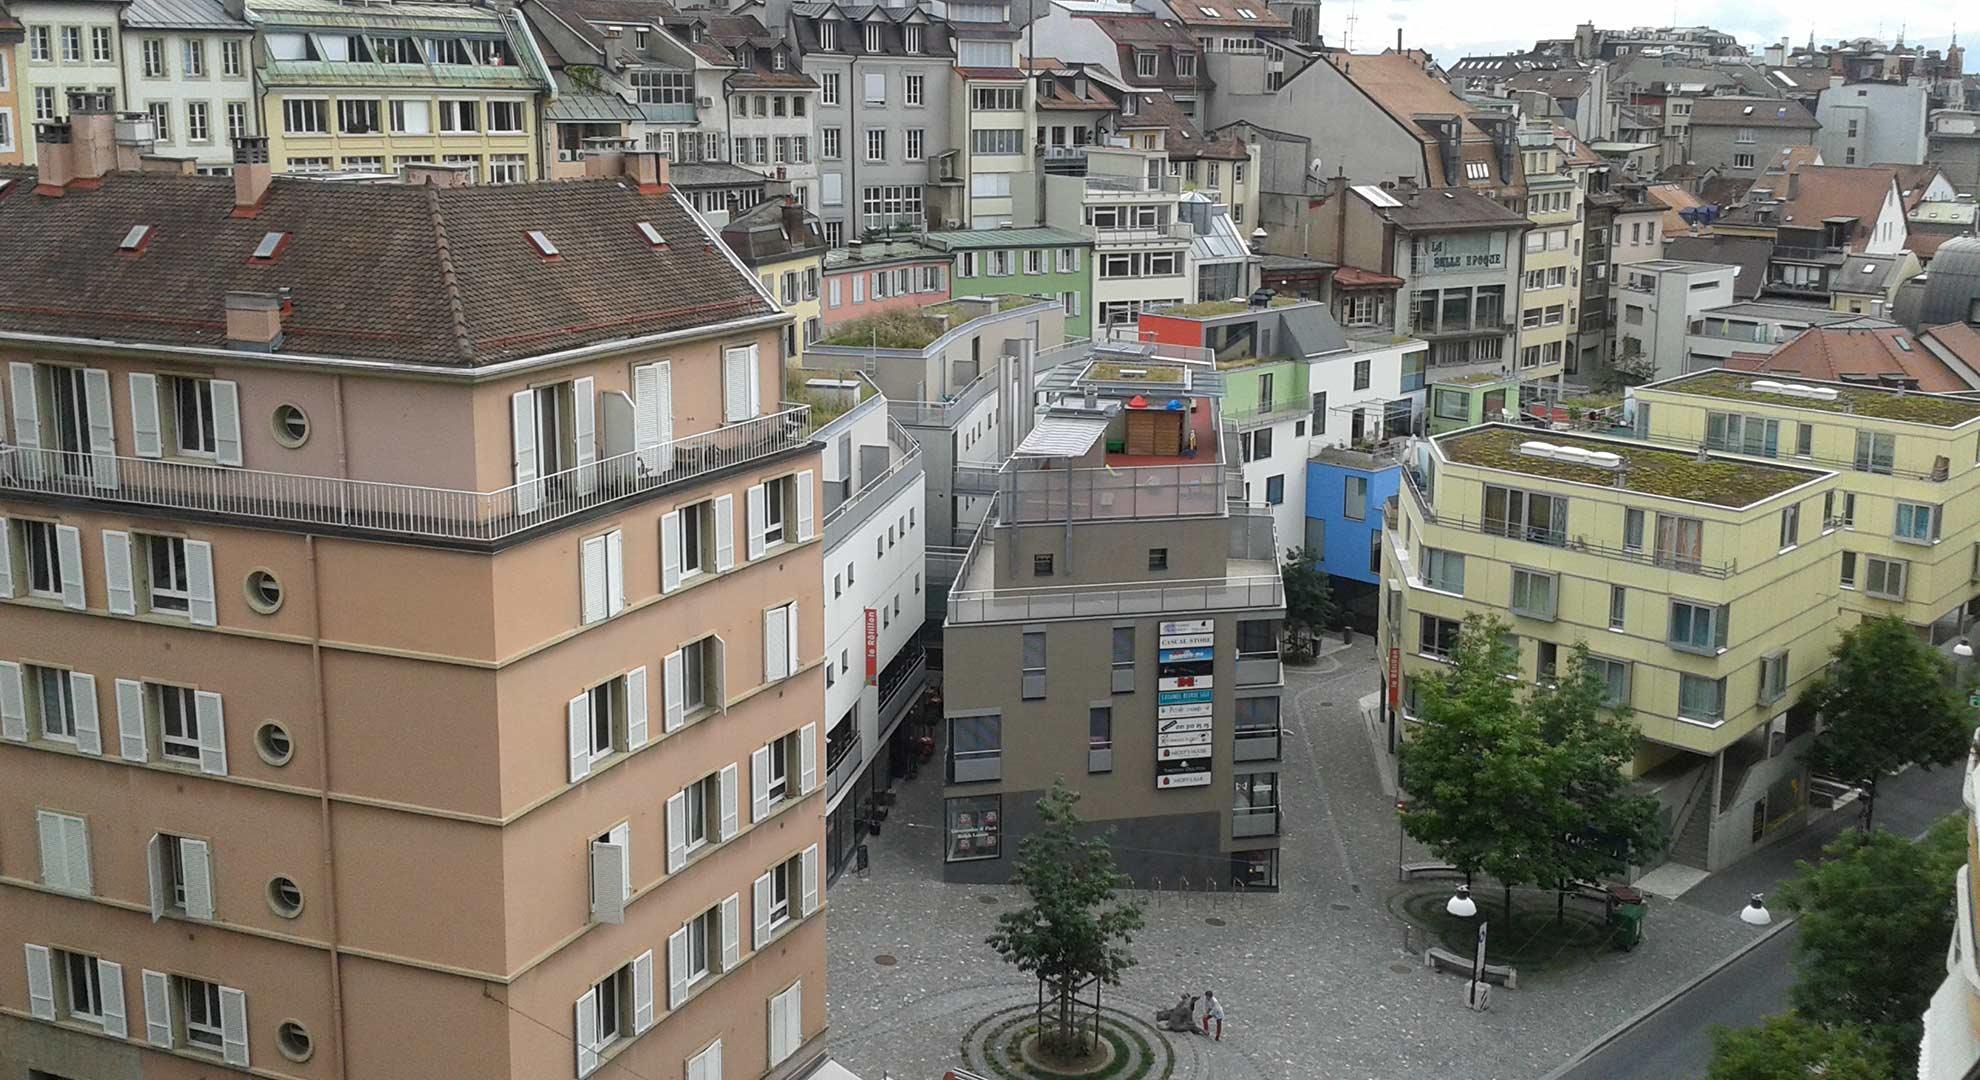 Diversidad y mixtura urbanas, Lausanne, Suiza